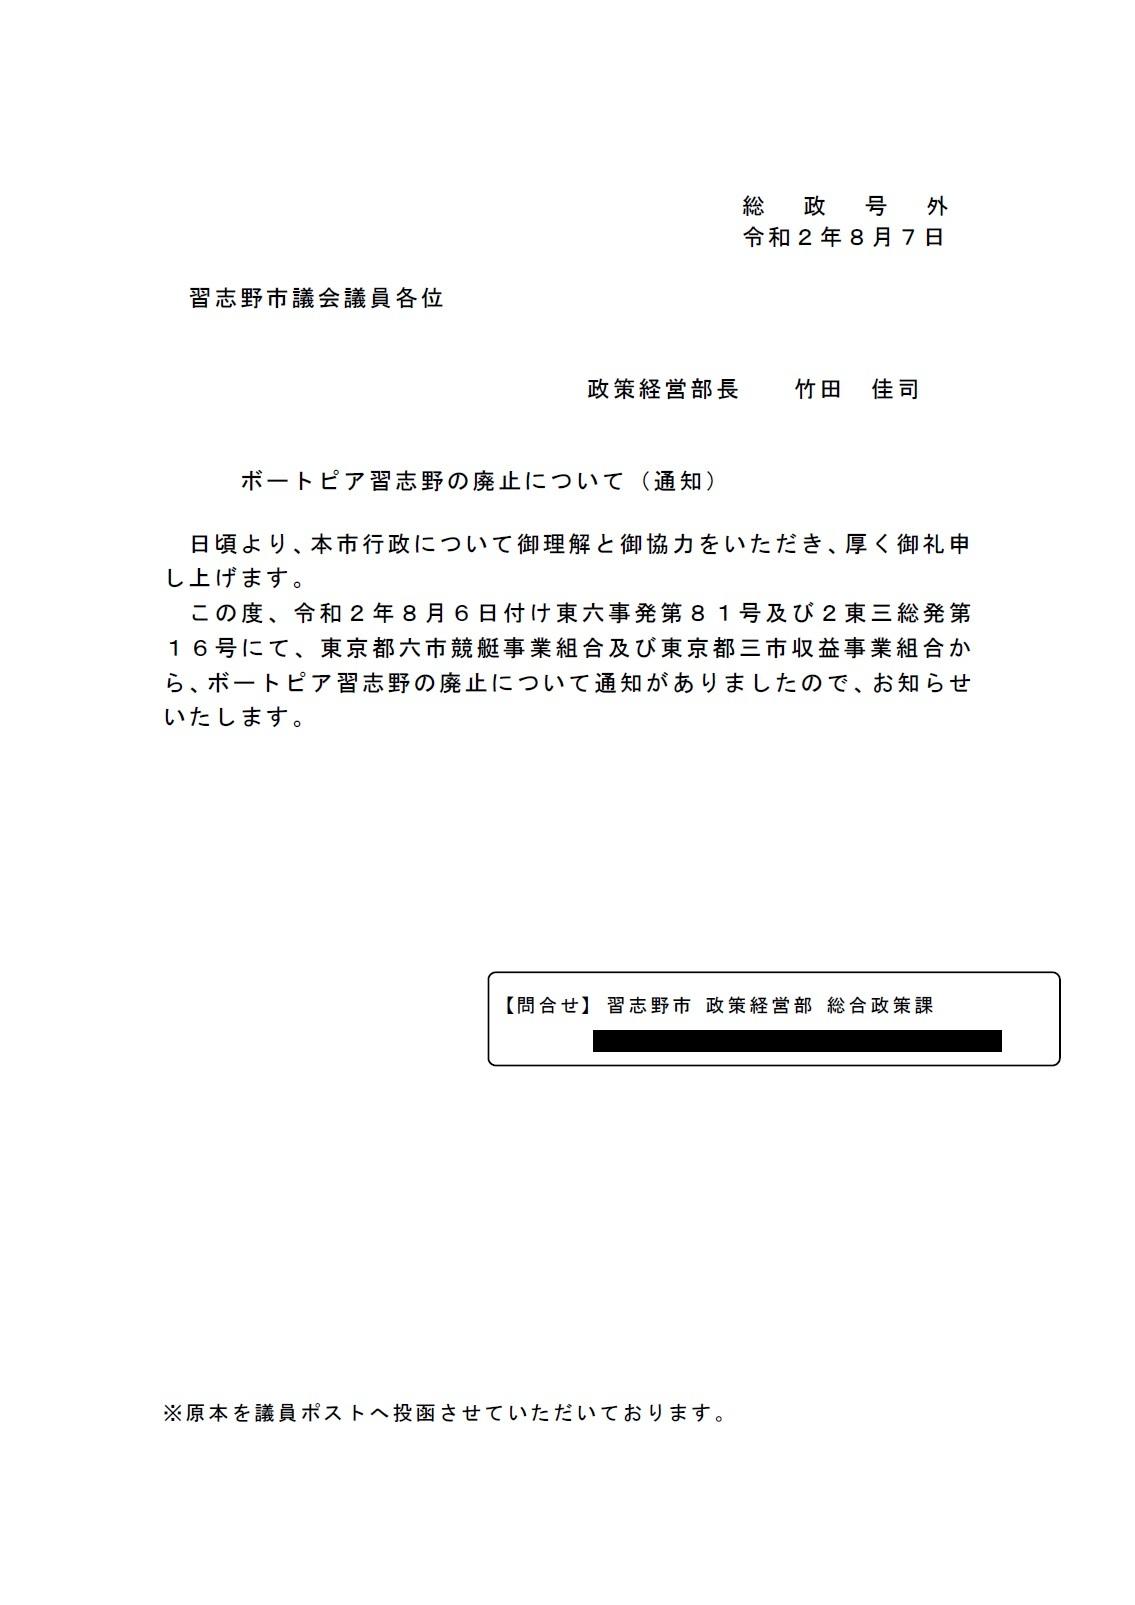 「ボートピア習志野の廃止について」の通知_c0236527_12474878.jpg